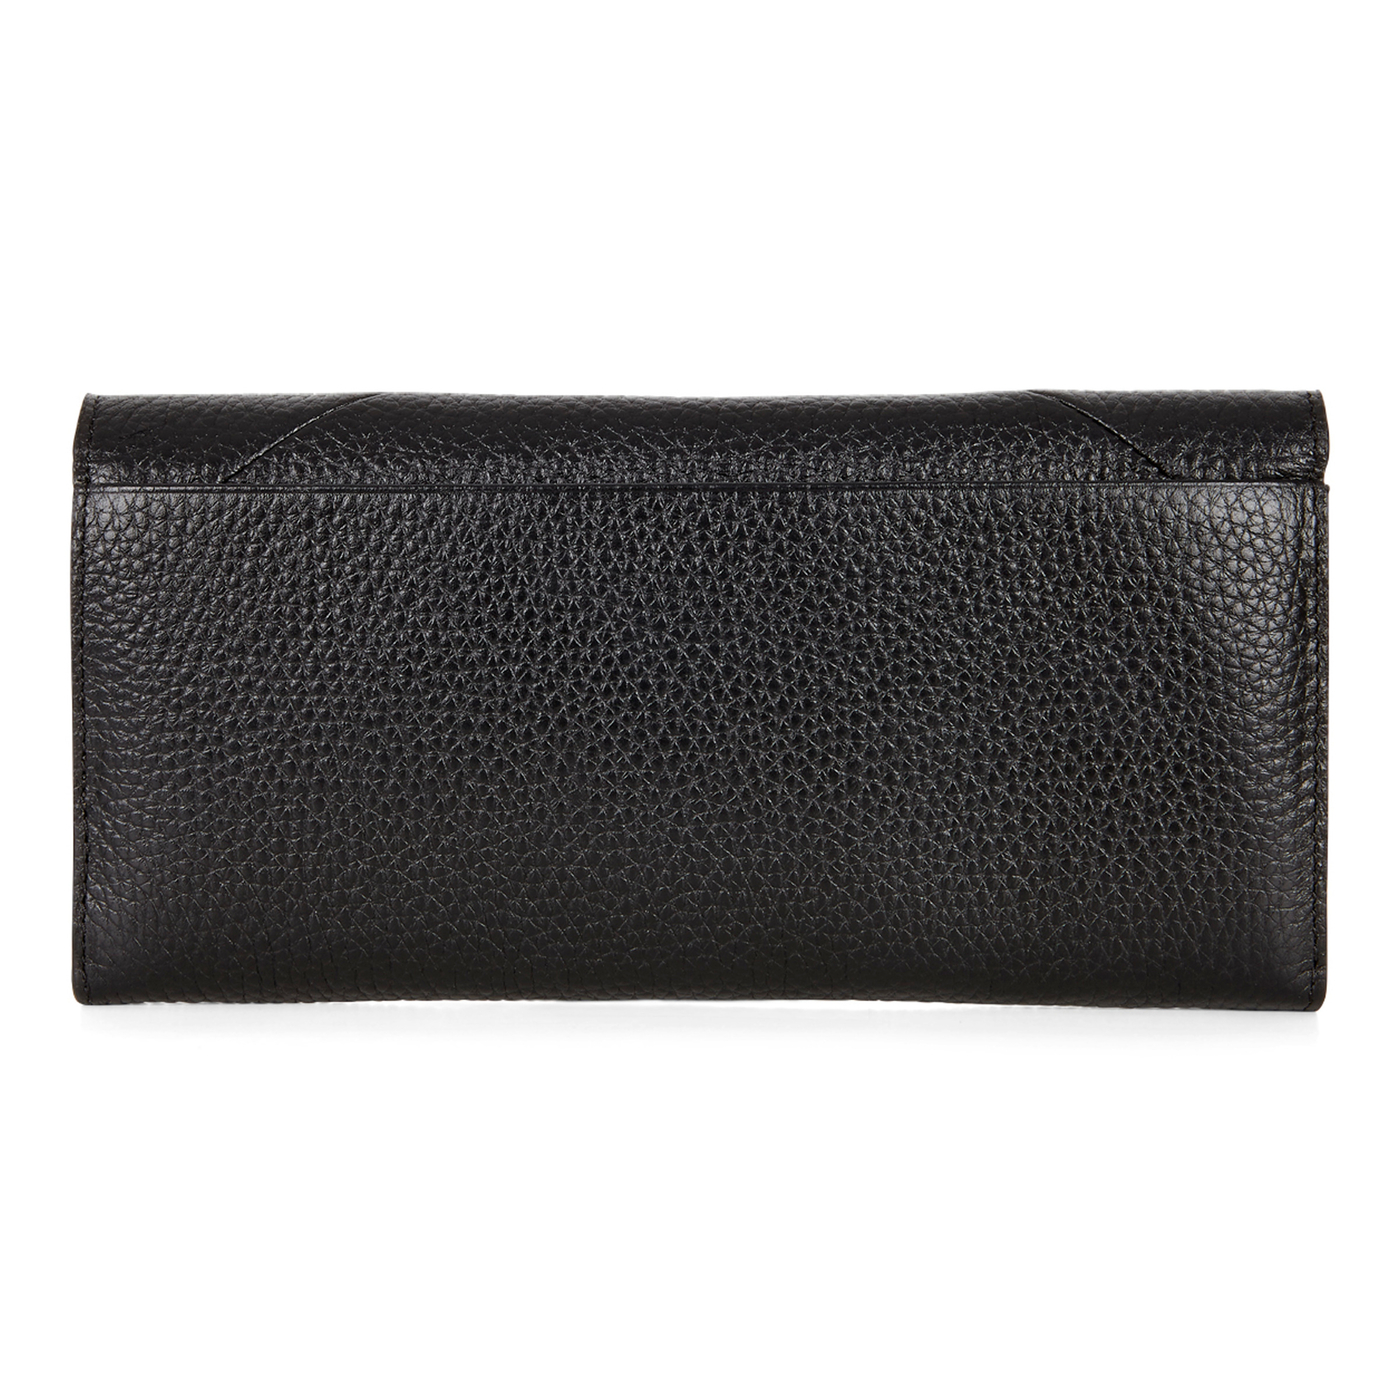 ECCO LINNEA Continetal Wallet